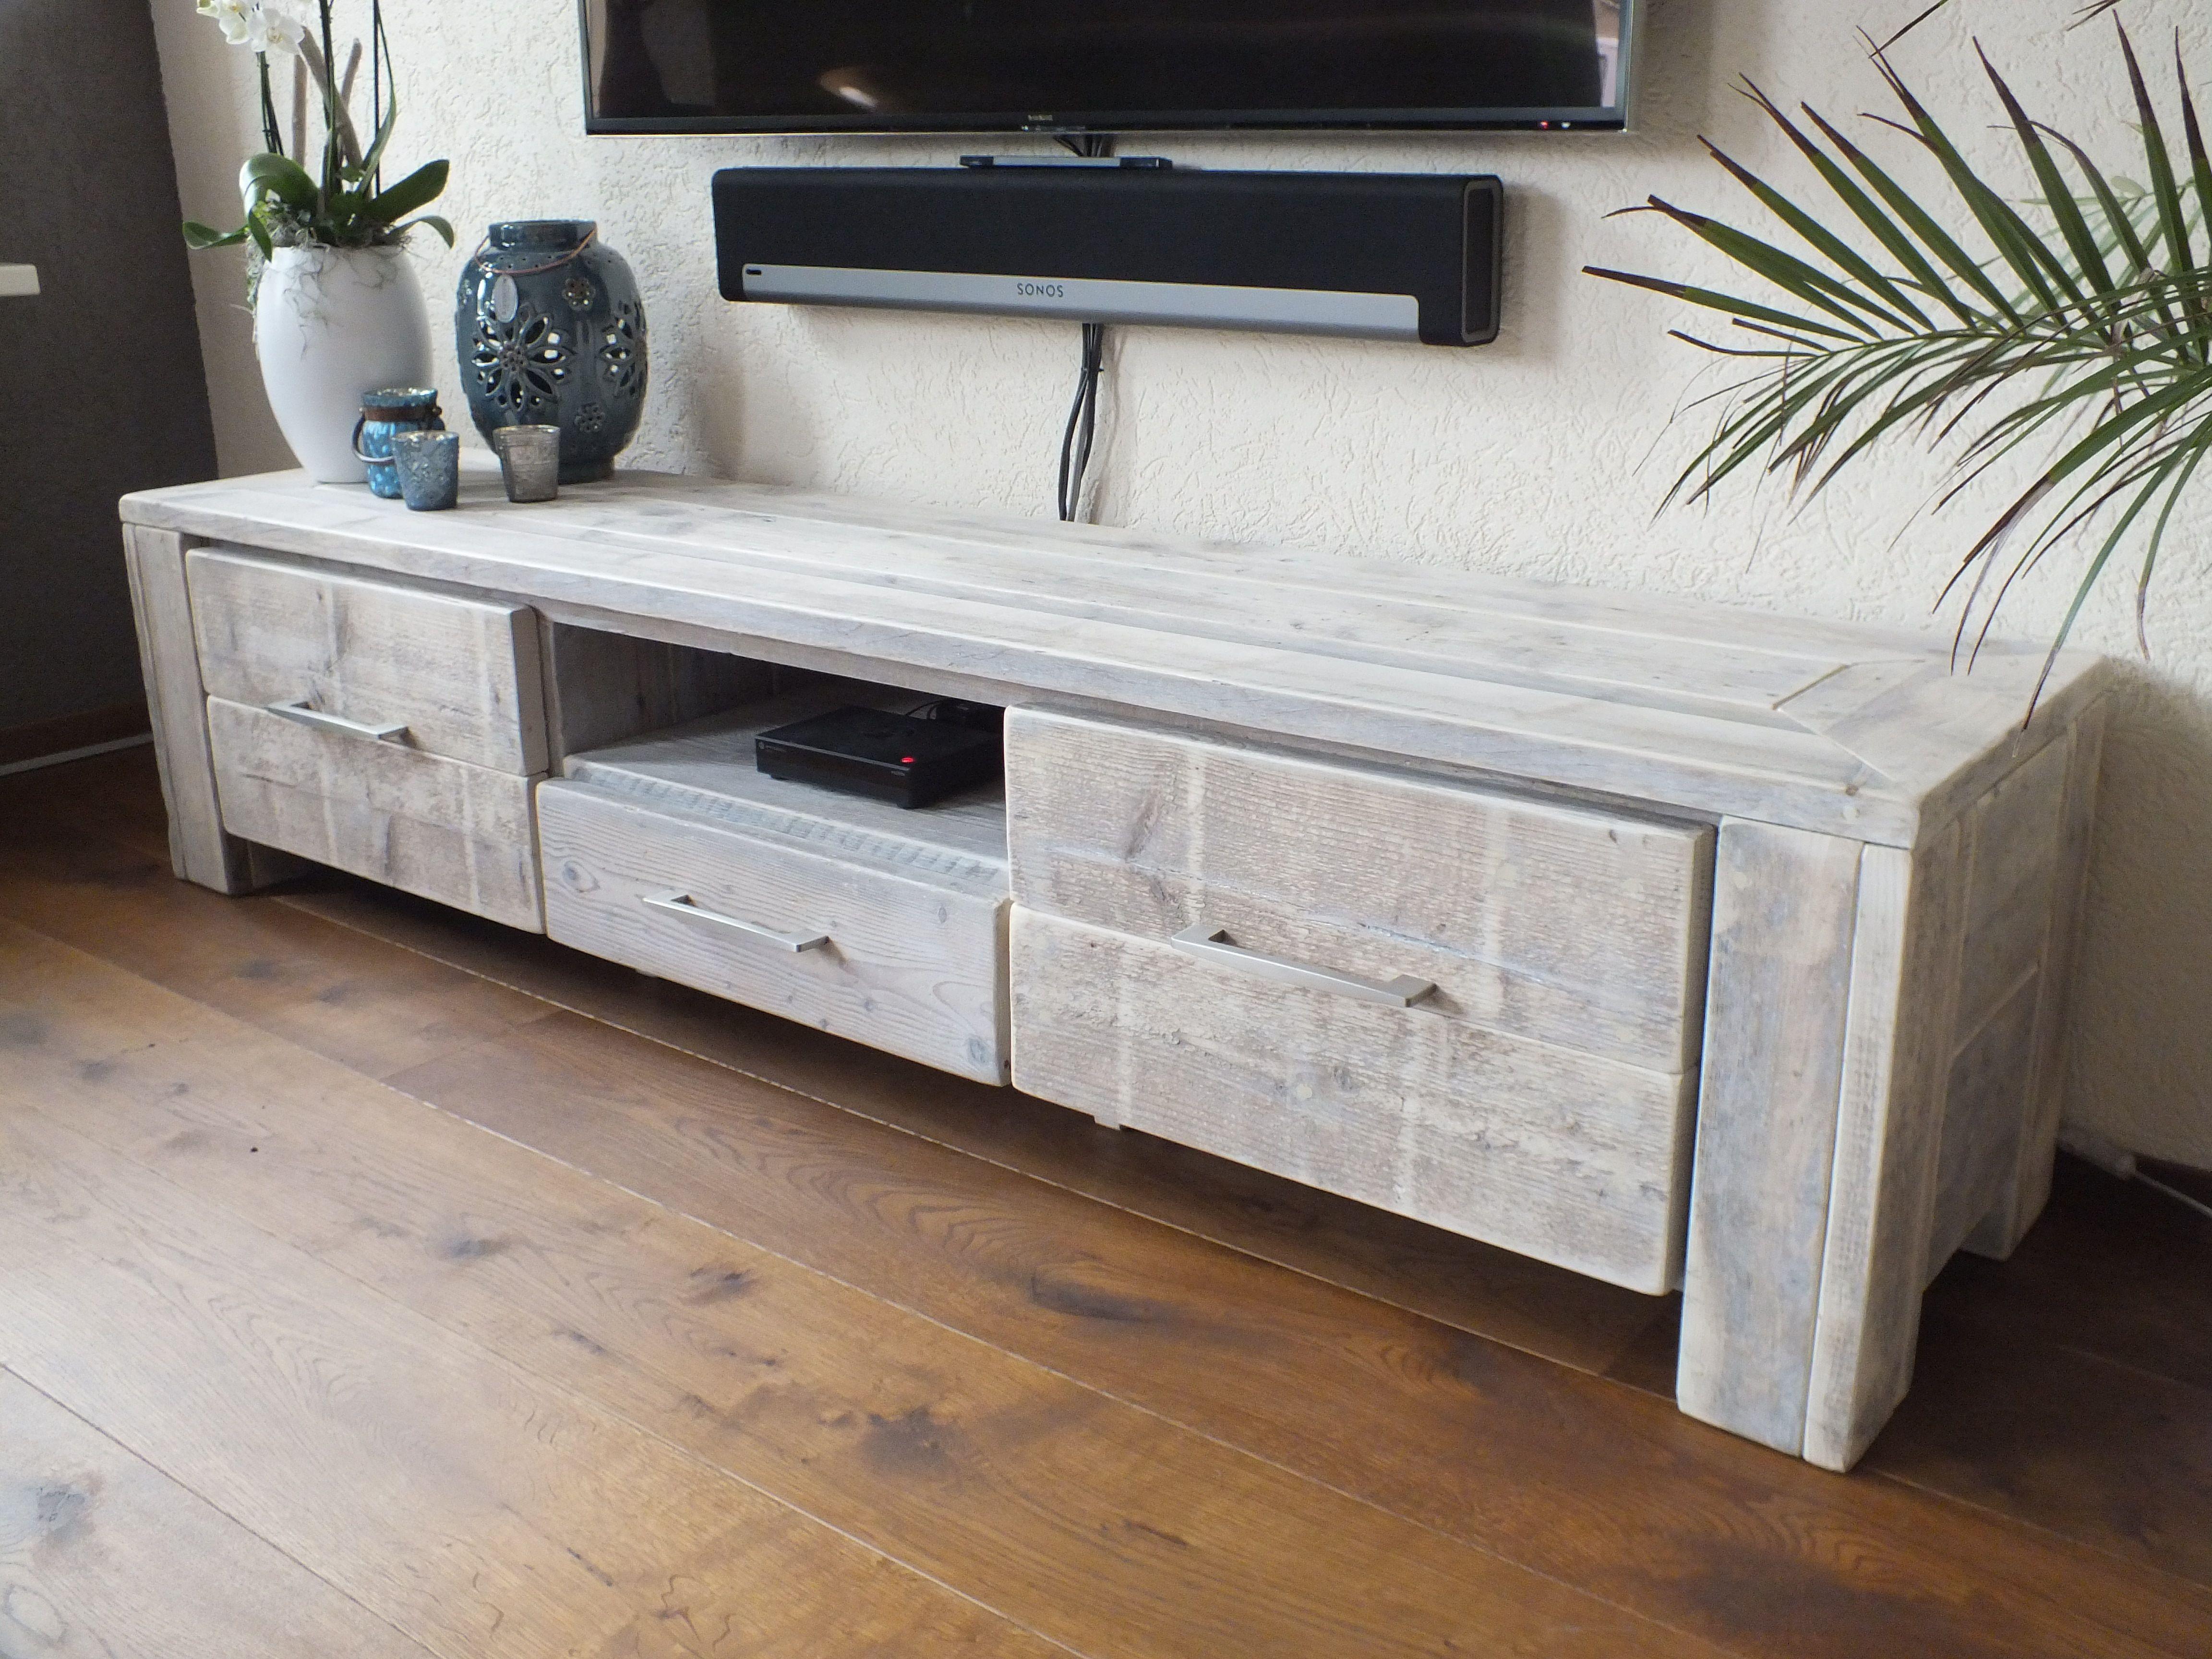 Steigerhouten Meubels Friesland : Tv audio meubel gemaakt van oud steigerhout de meubels worden